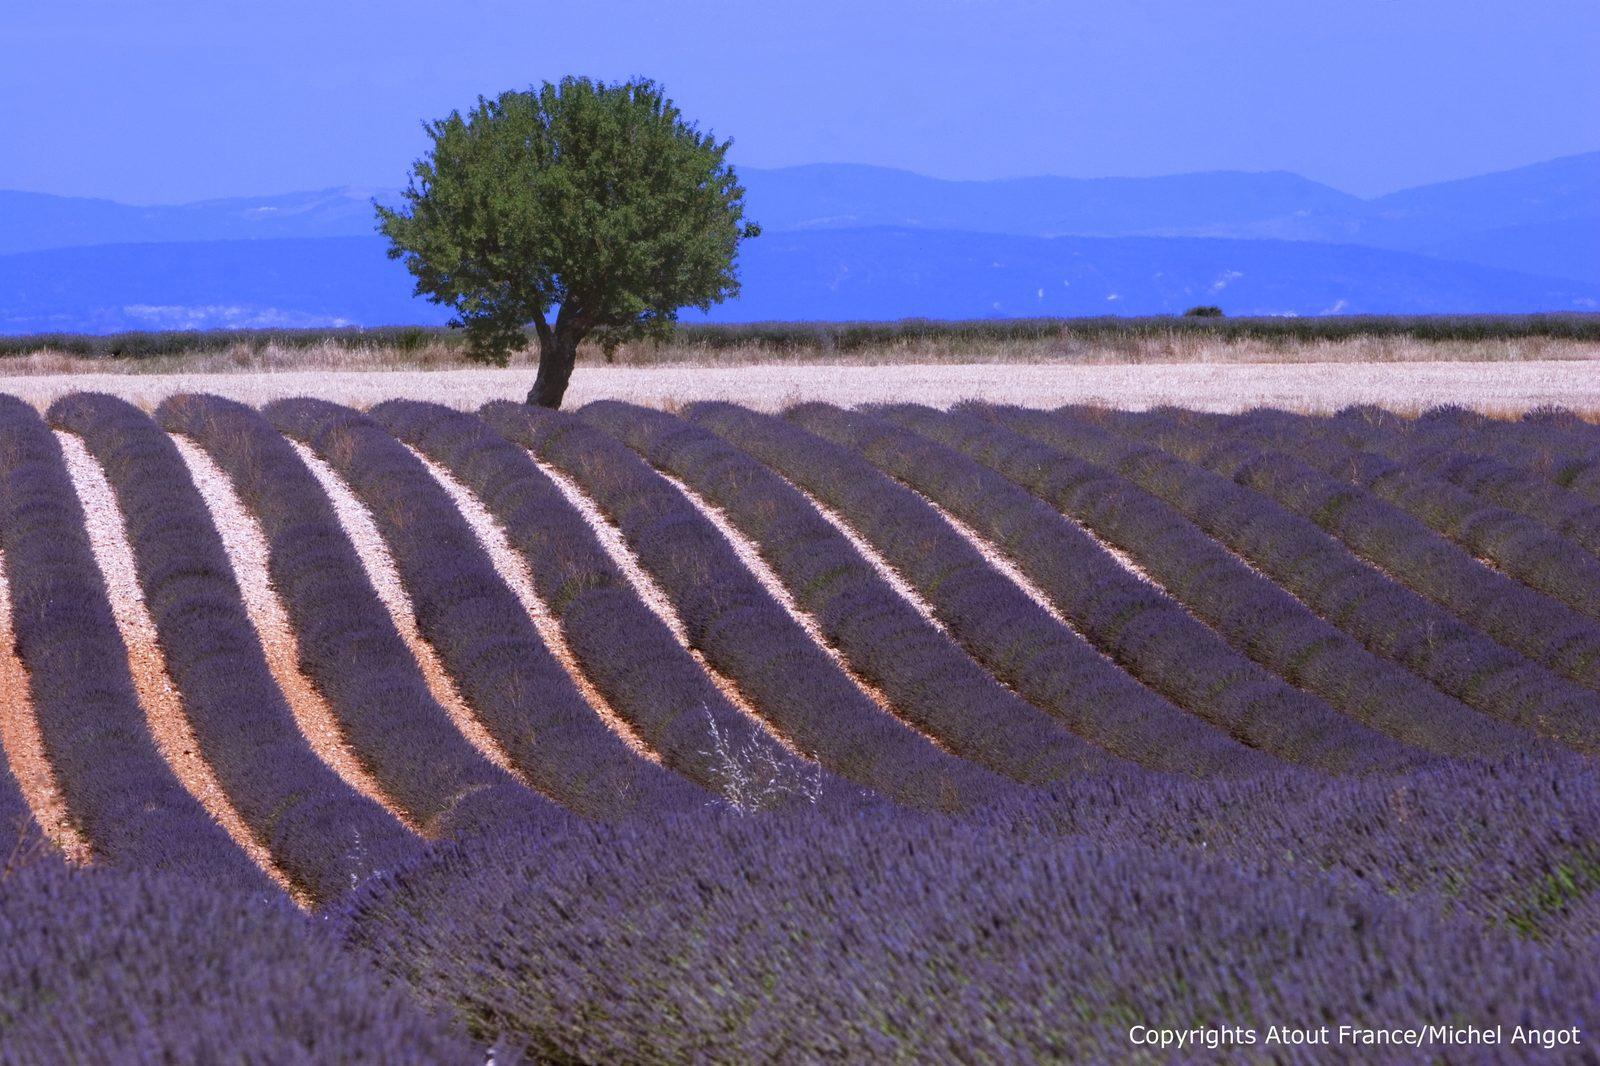 Frankrijk, Drome, Provence, vakantie, natuur, vakantiehuis, lavendelvelden